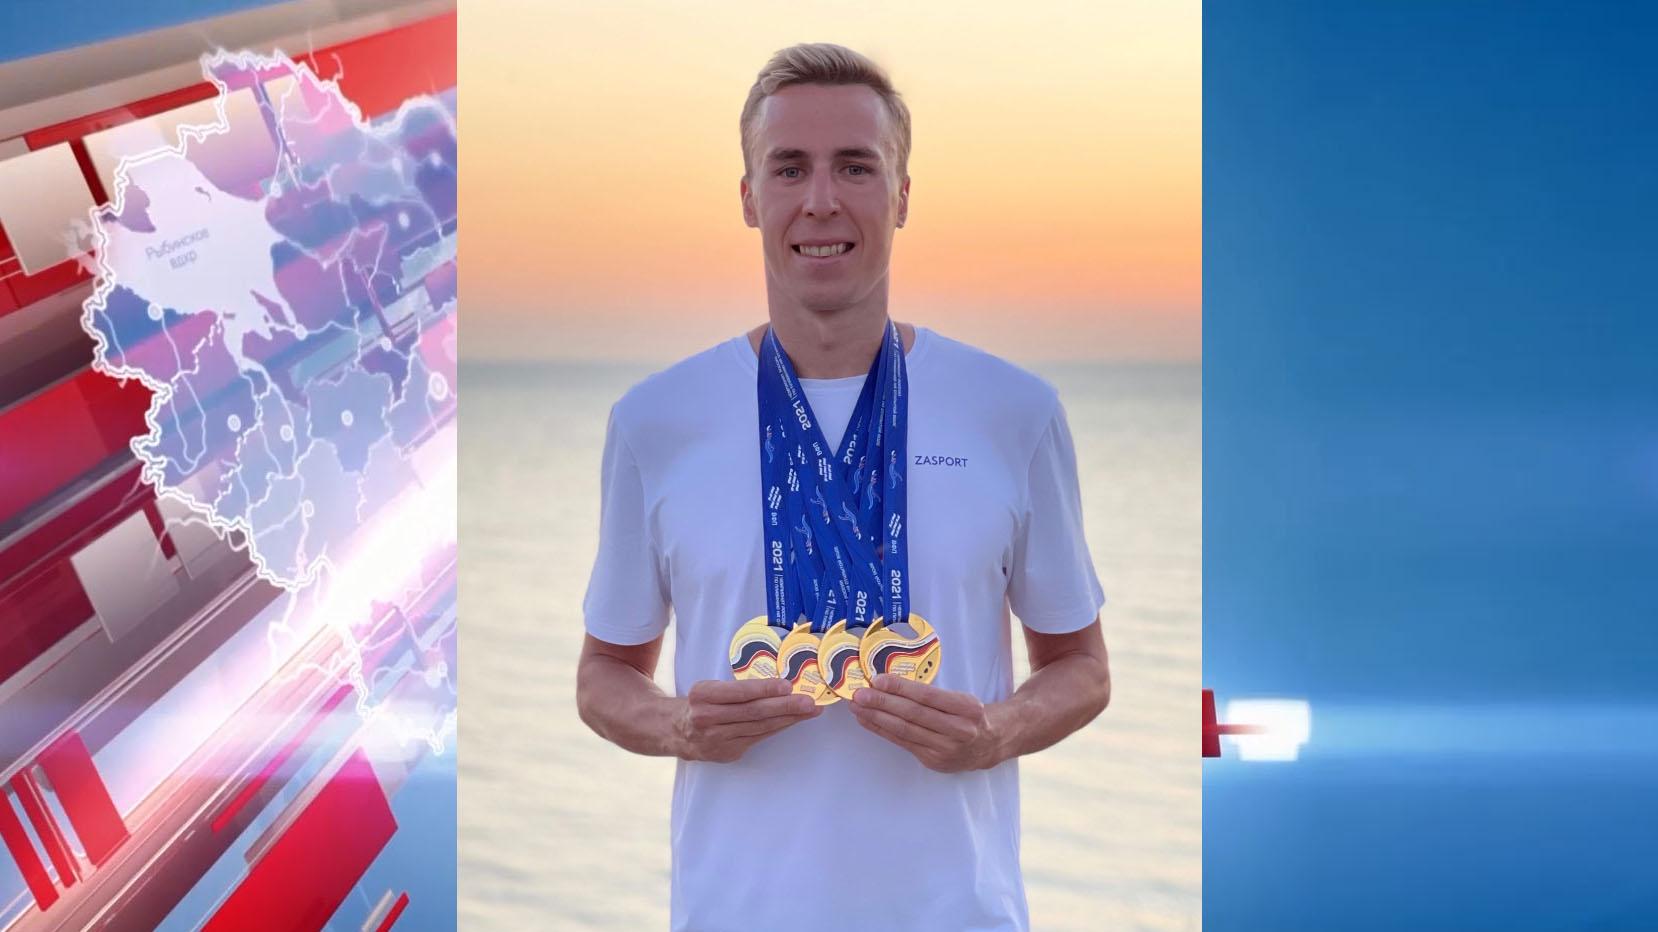 Ярославский пловец Кирилл Абросимов впервые в истории плавания на открытой воде стал абсолютным чемпионом РФ